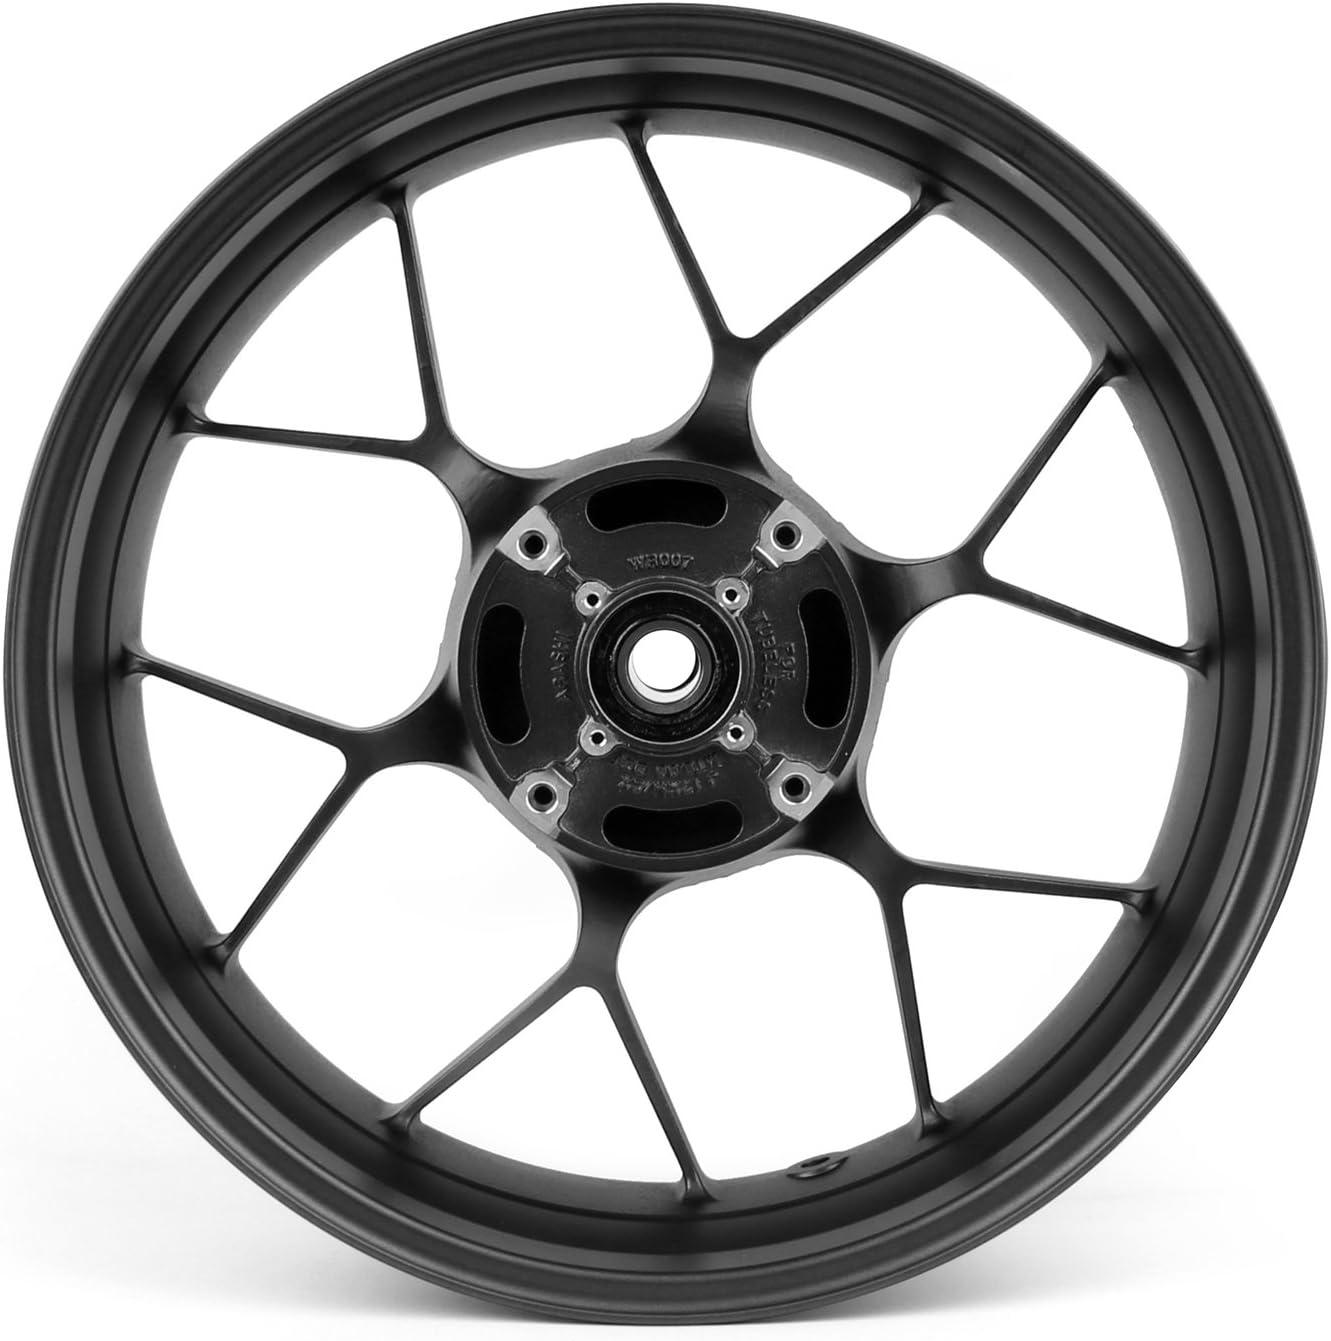 Artudatech Rear Wheel Rim for 2008-20 Jacksonville unisex Mall Honda CBR1000RR 1000RR CBR